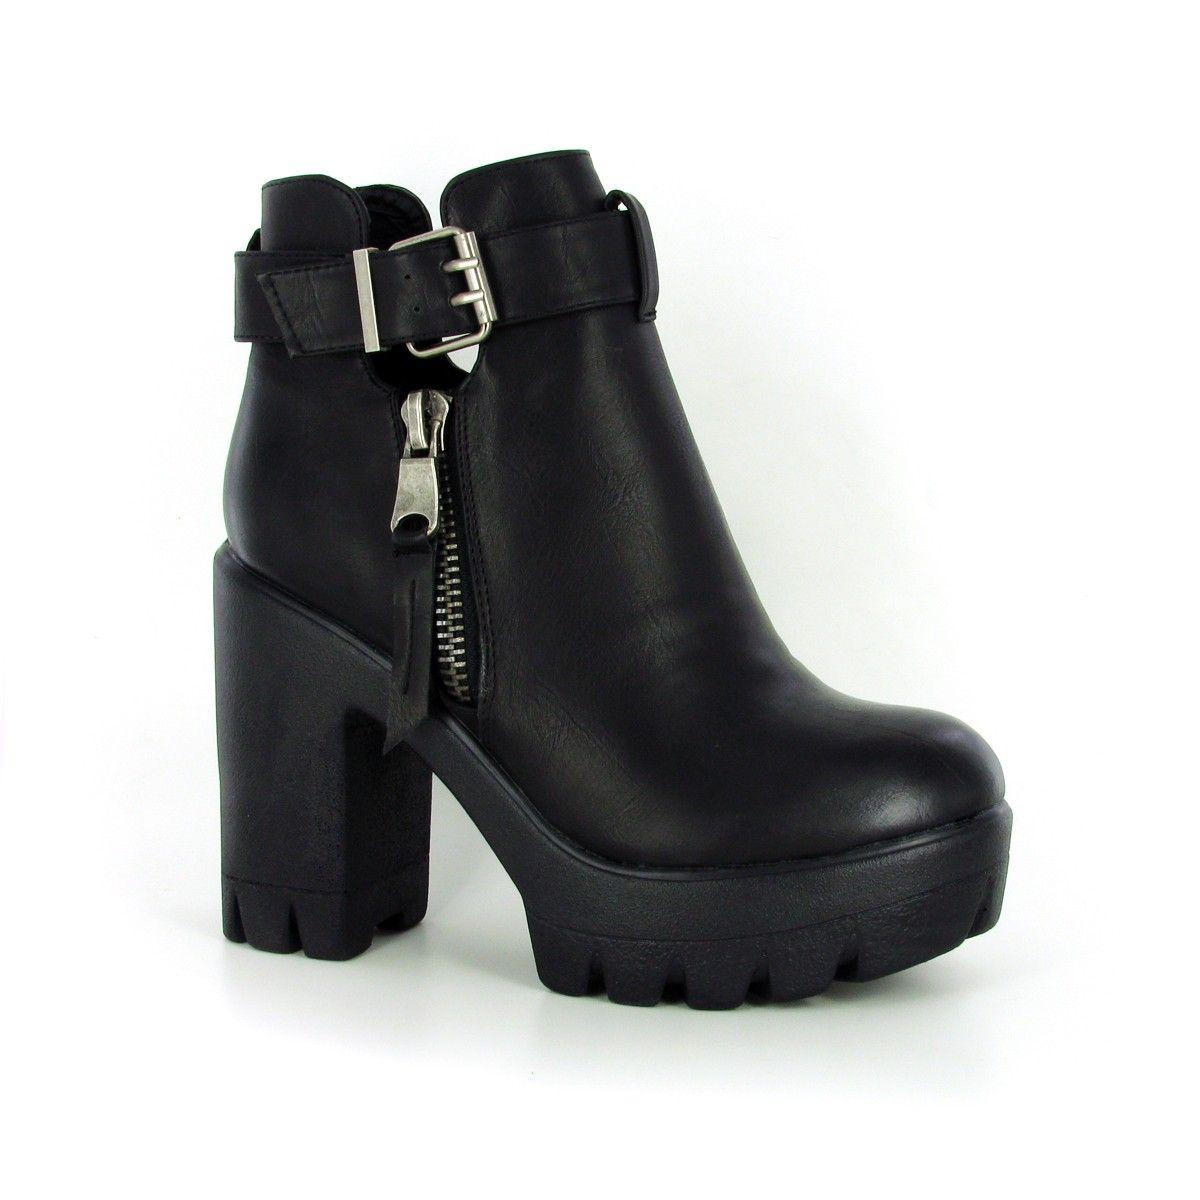 bottine mirza noir : la bottine noire compensée parfaite pour un